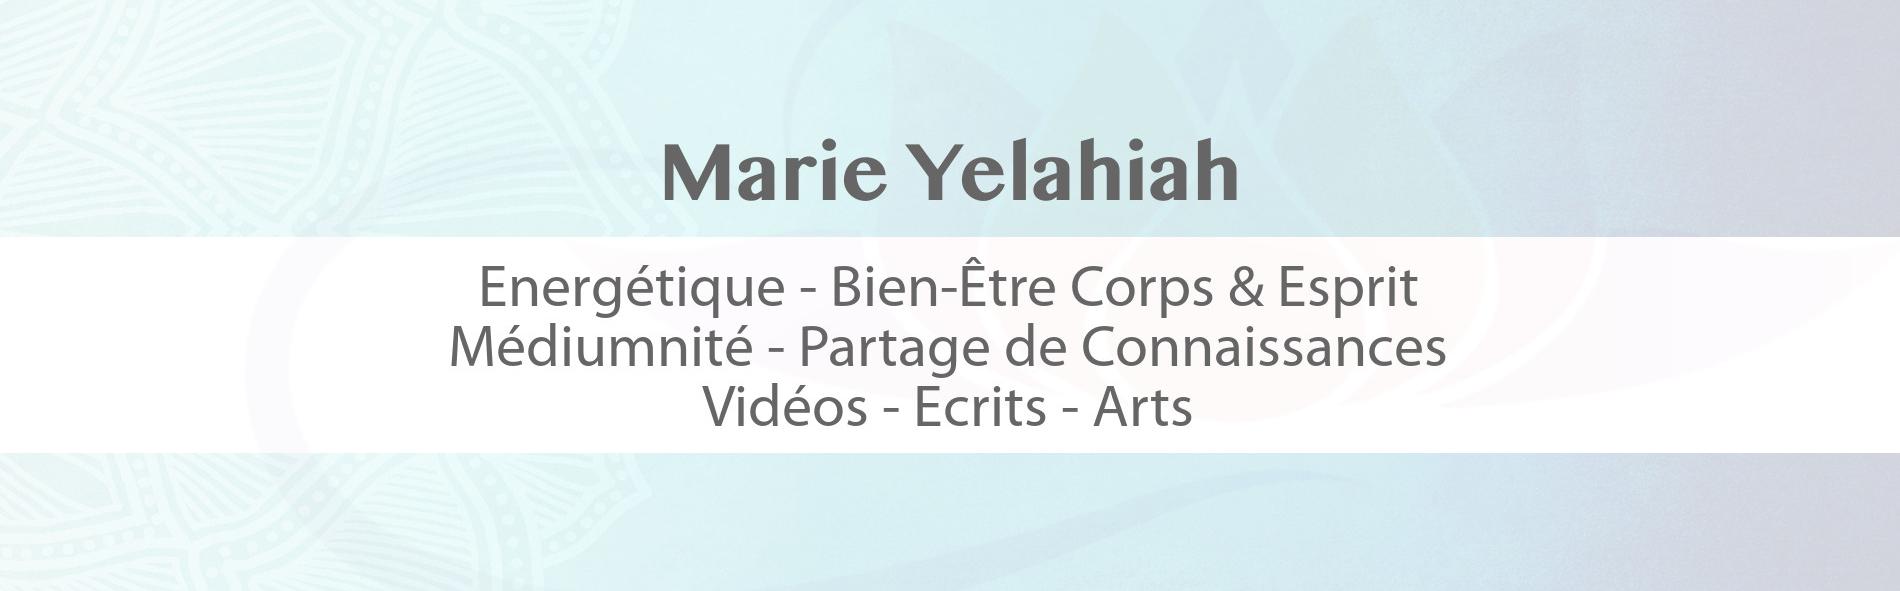 Marie Yelahiah